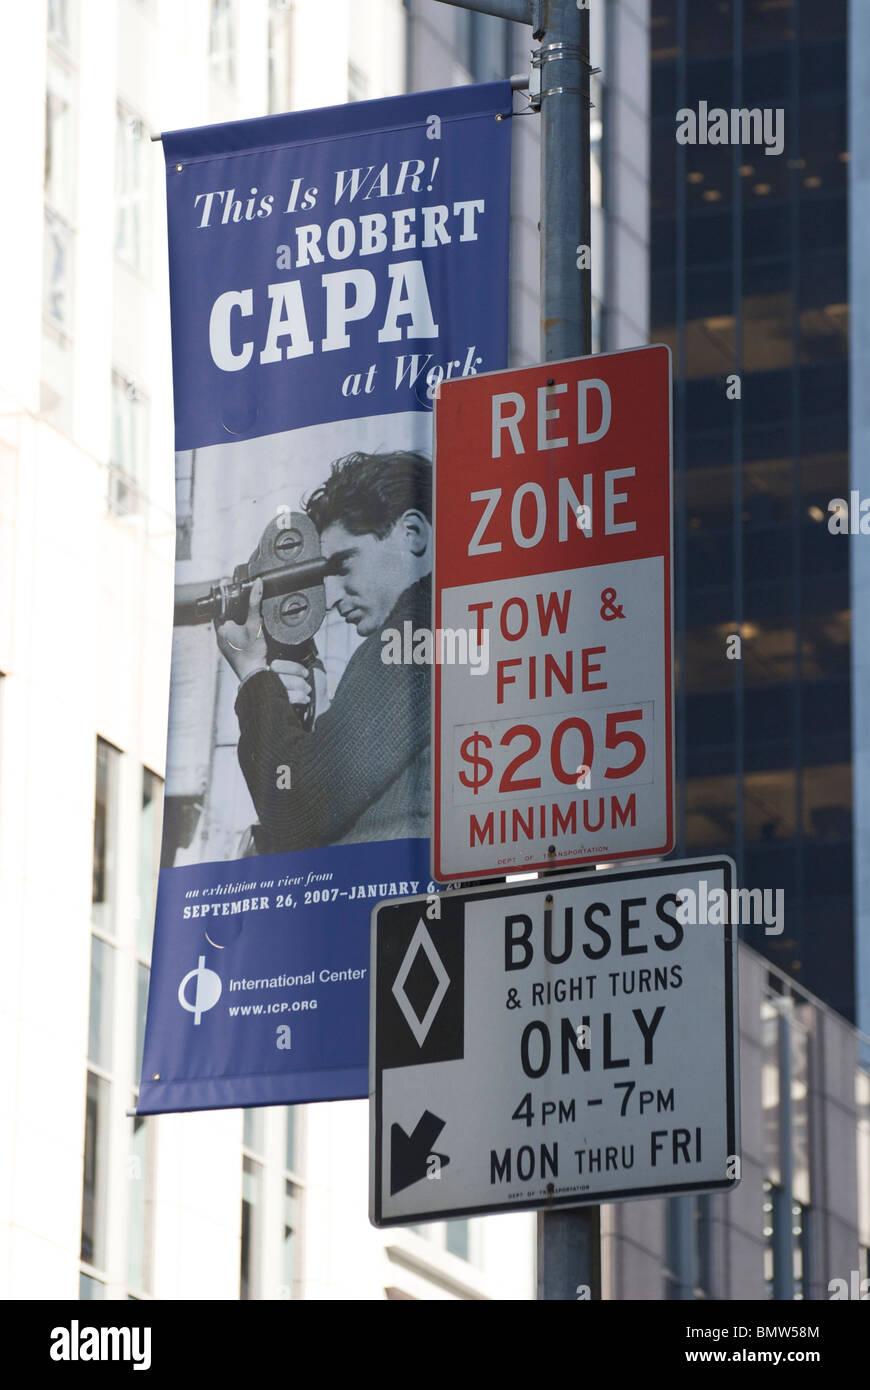 Zona roja y los autobuses sólo los letreros de la calle en Nueva York con Robert Capa Exposición Foto de stock